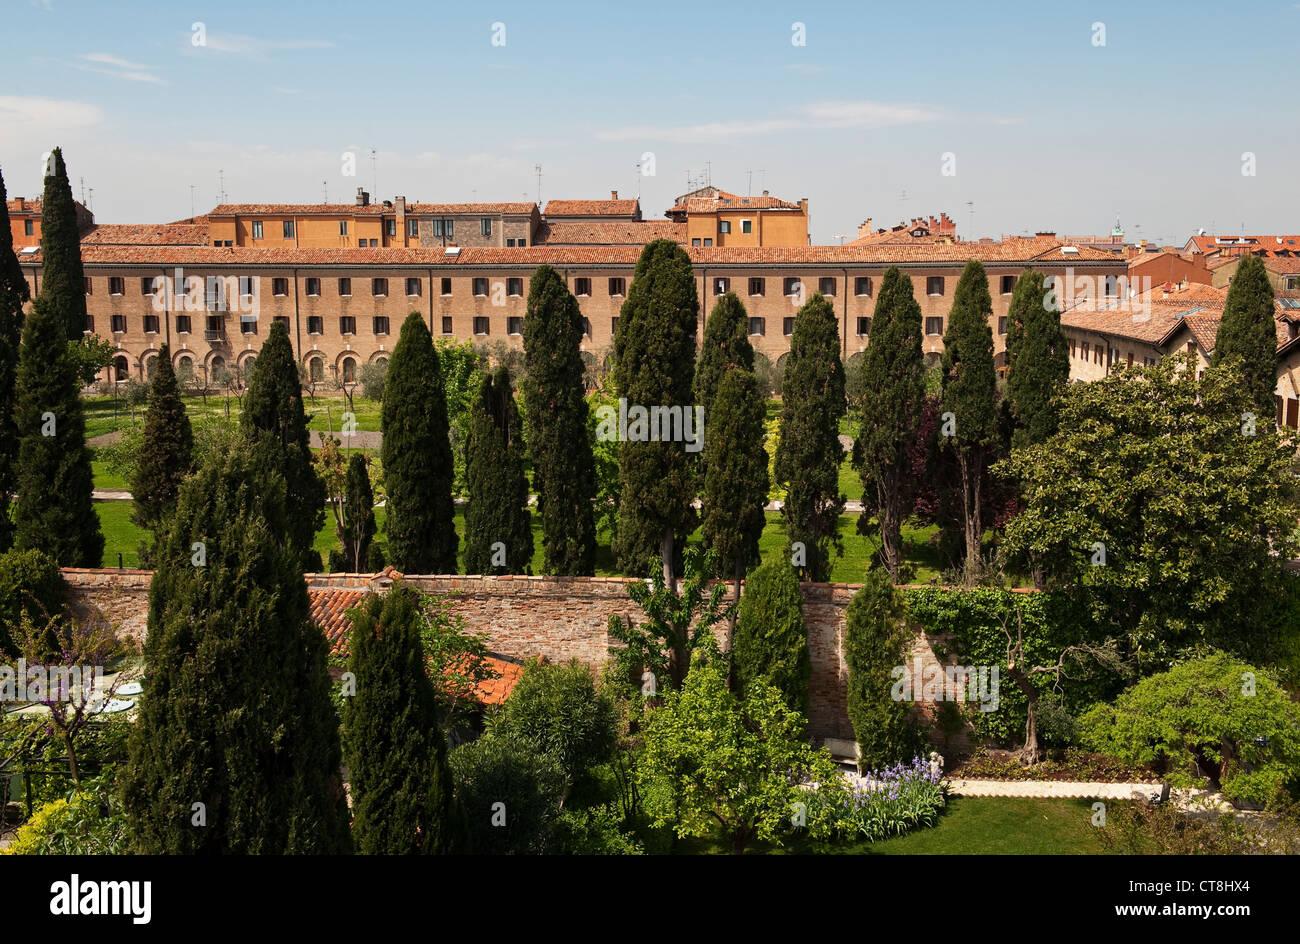 Venedig, Italien. Das Gästehaus der Kirche Redentore auf der Giudecca, bekannt als Camplus Stadt Herzen Redentore Stockbild